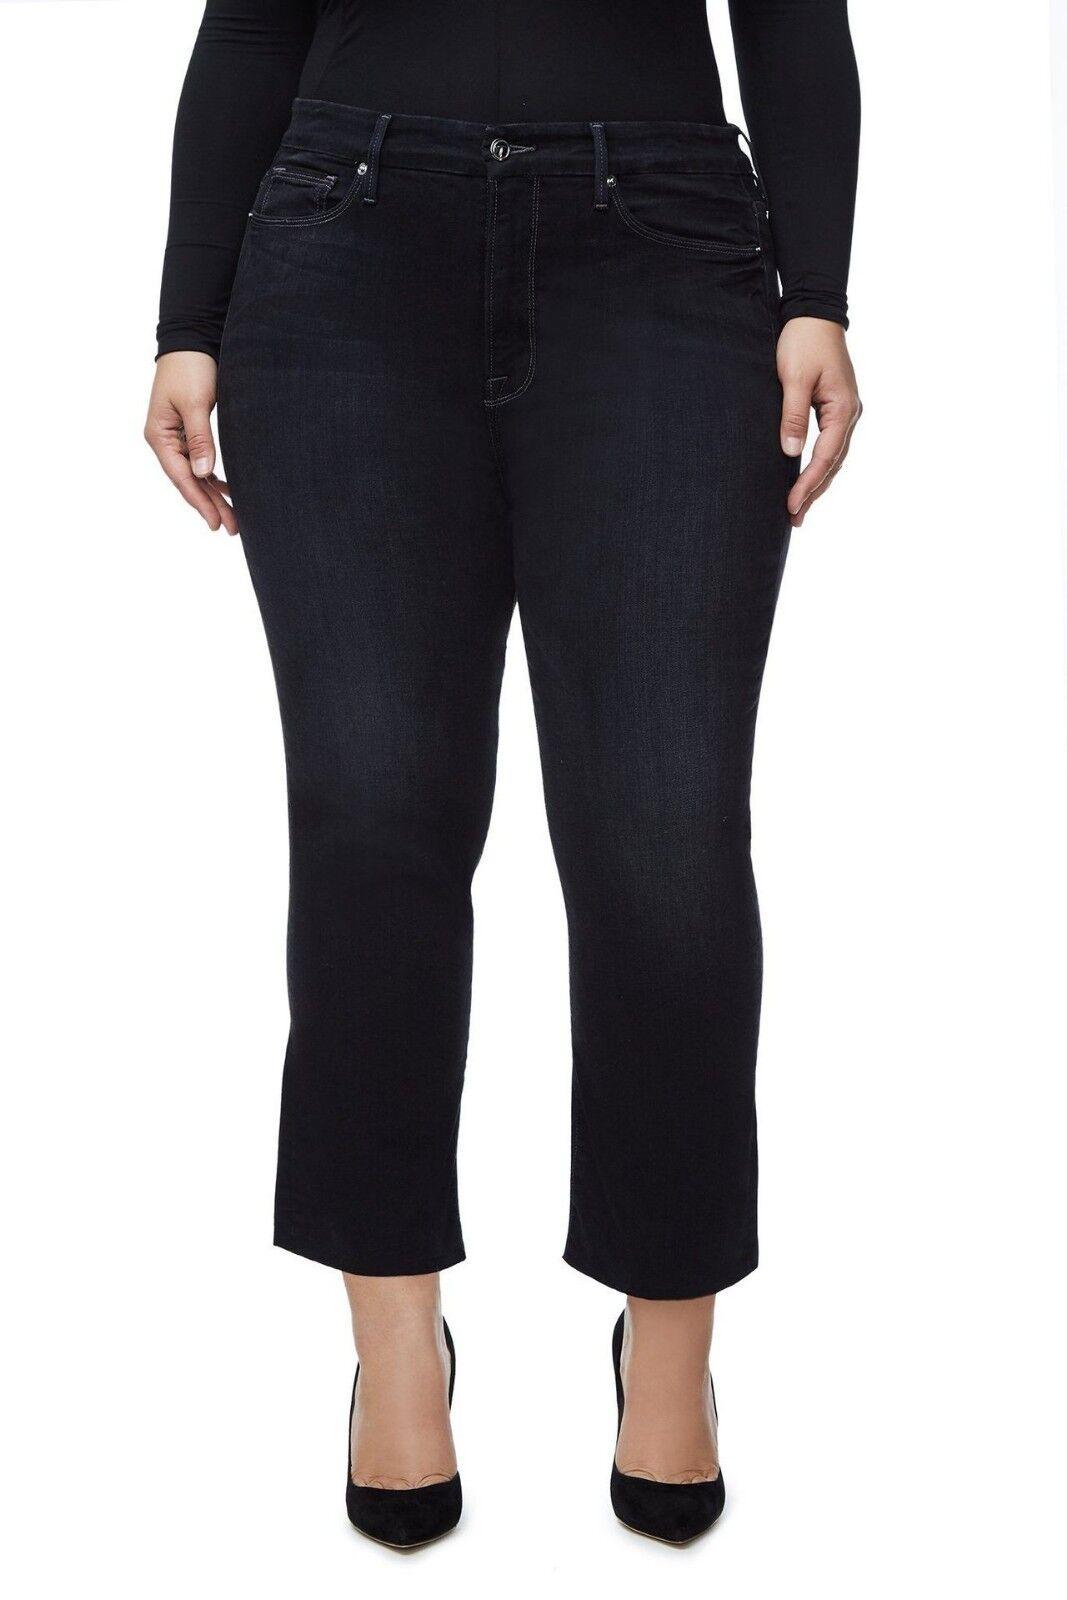 Neu Good American Gerade Jeans schwarz016 Größe 8  1